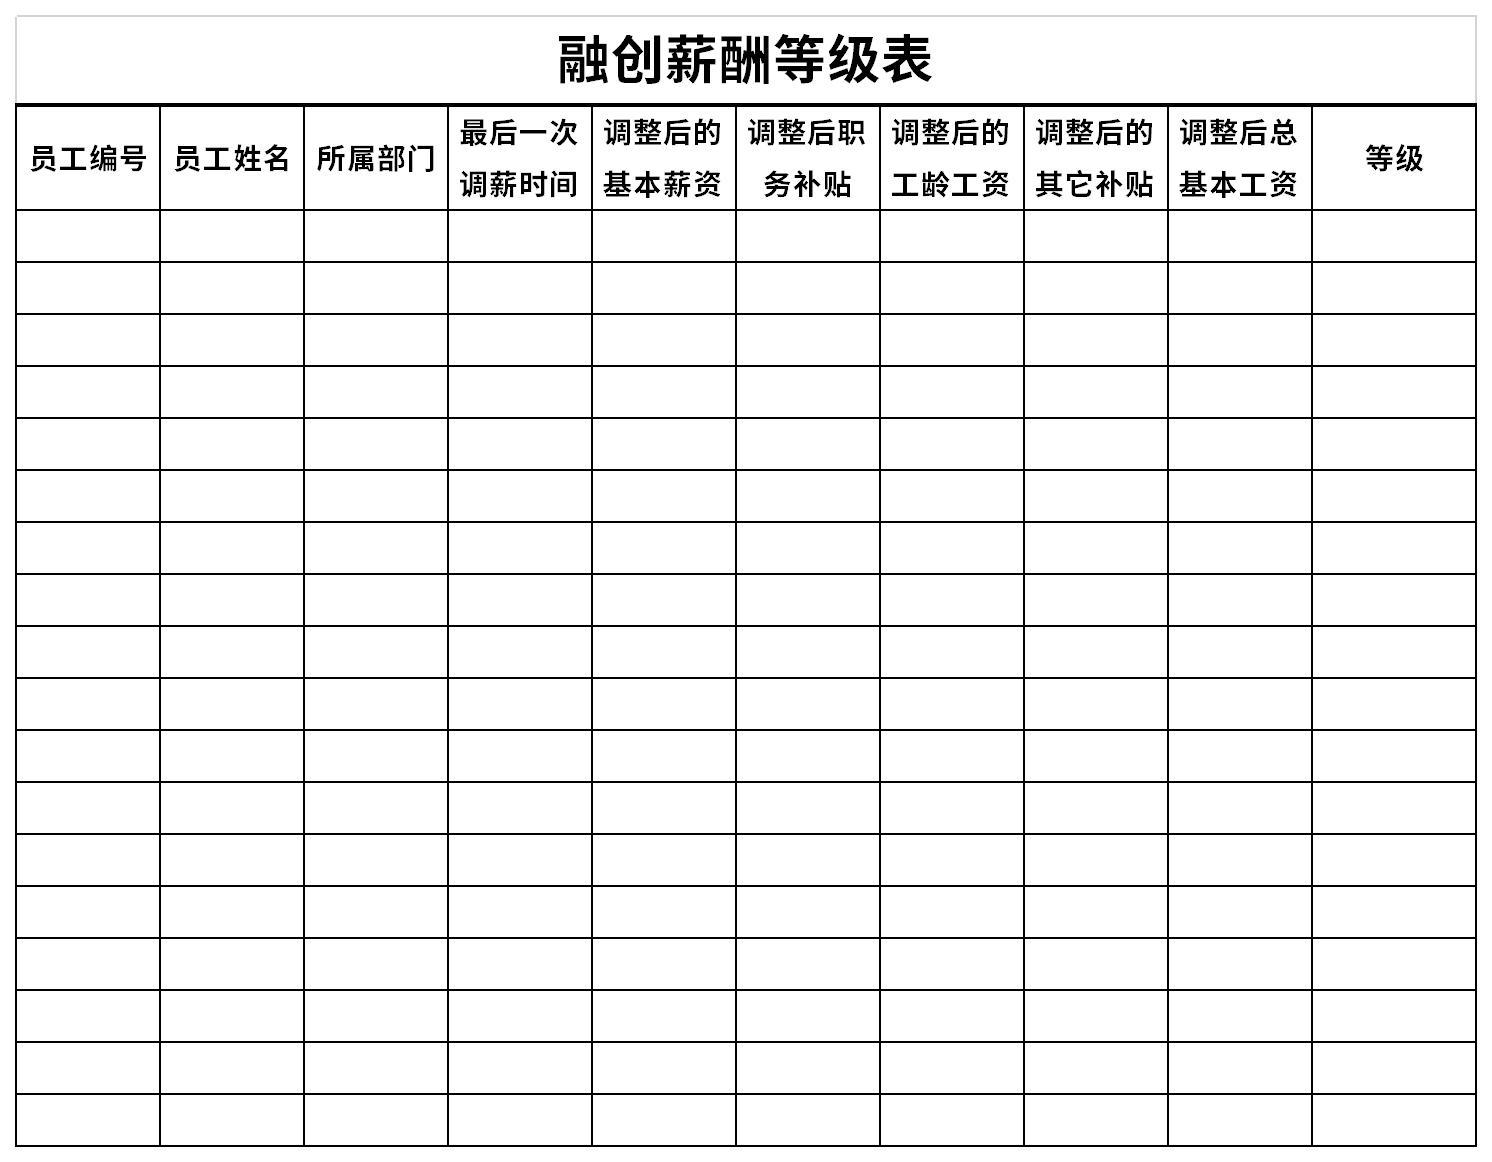 融创薪酬等级表截图